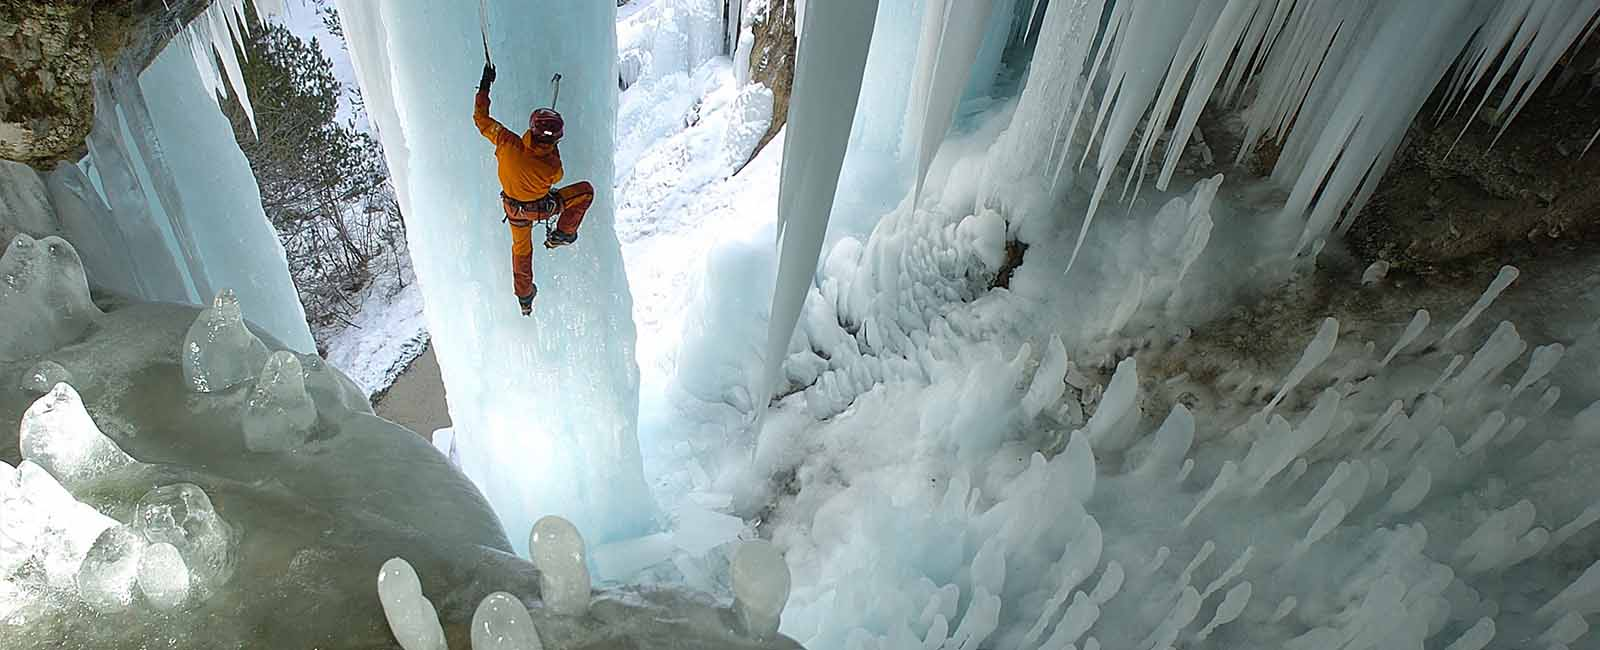 Cascade de glace Serre-Ponçon